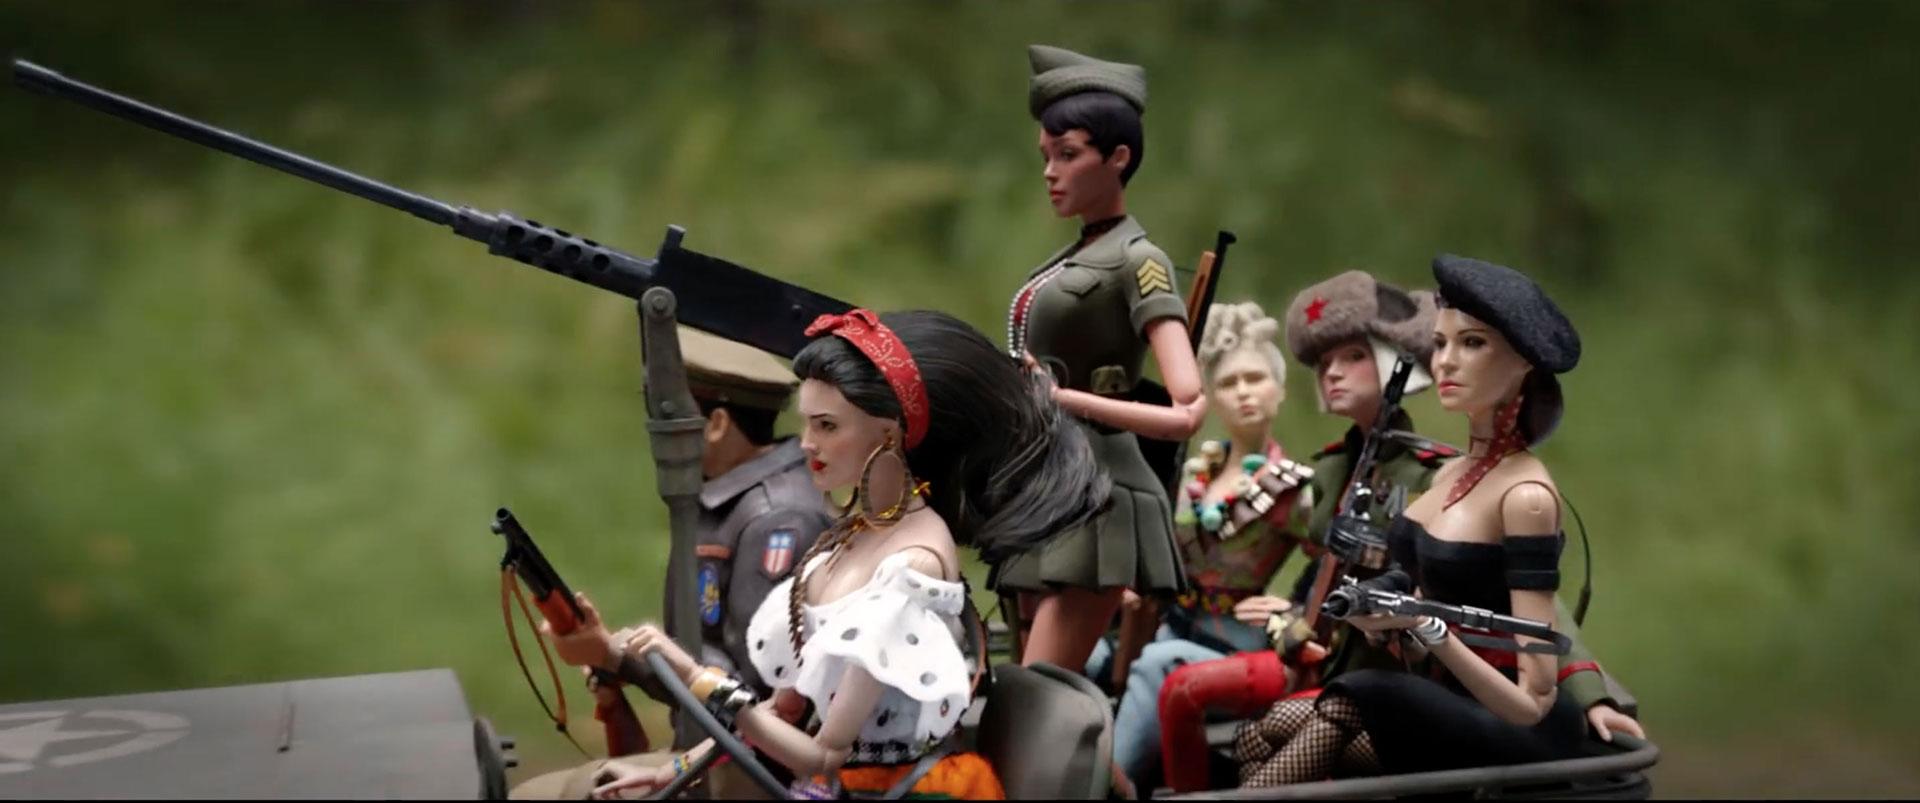 Eiza González se convierte en Barbie para esta nueva película